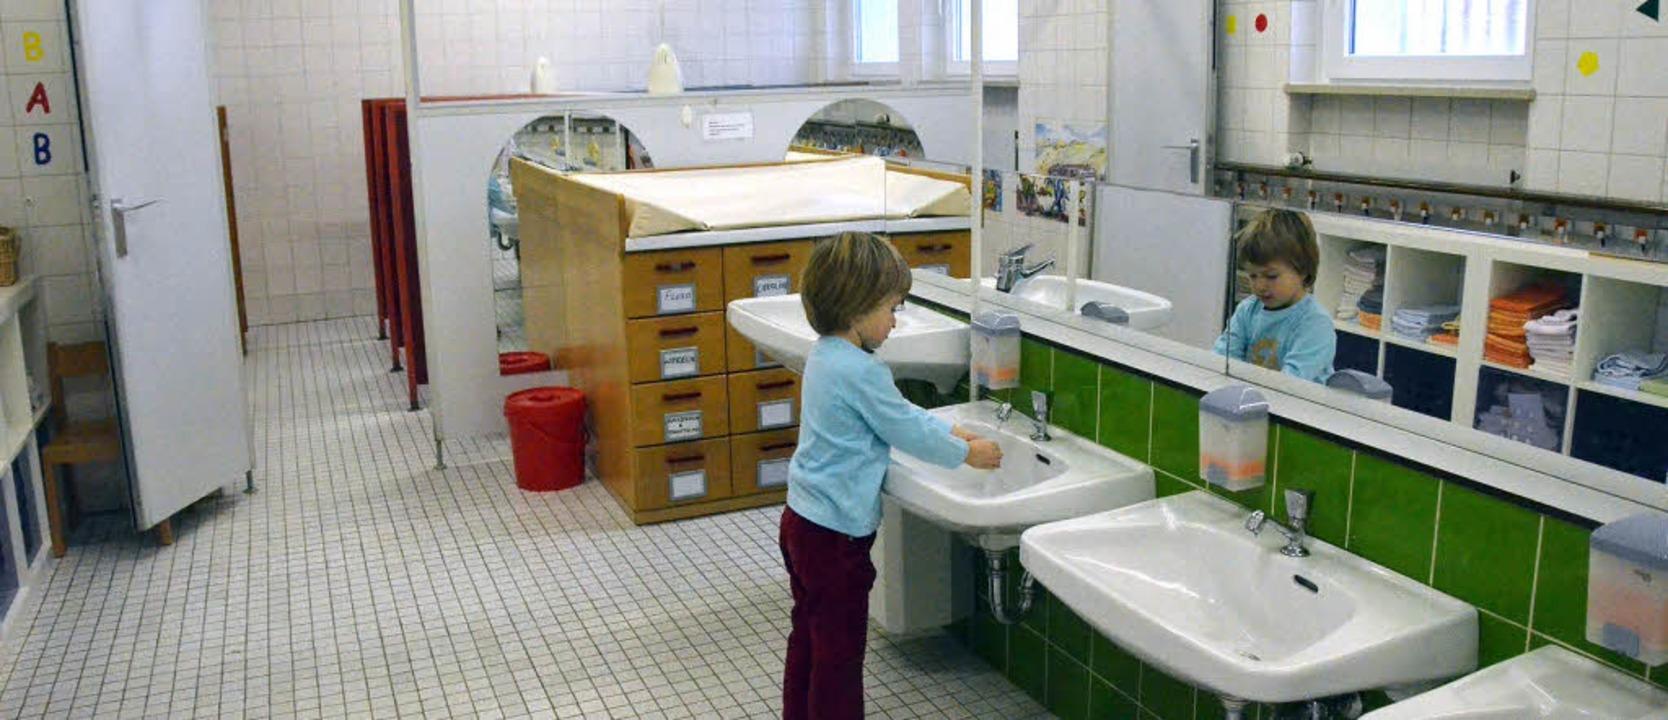 Der Kindergarten St. Martin bekommt nä...–  auch das ist eine Vorschrift.  | Foto: LANGELOTT